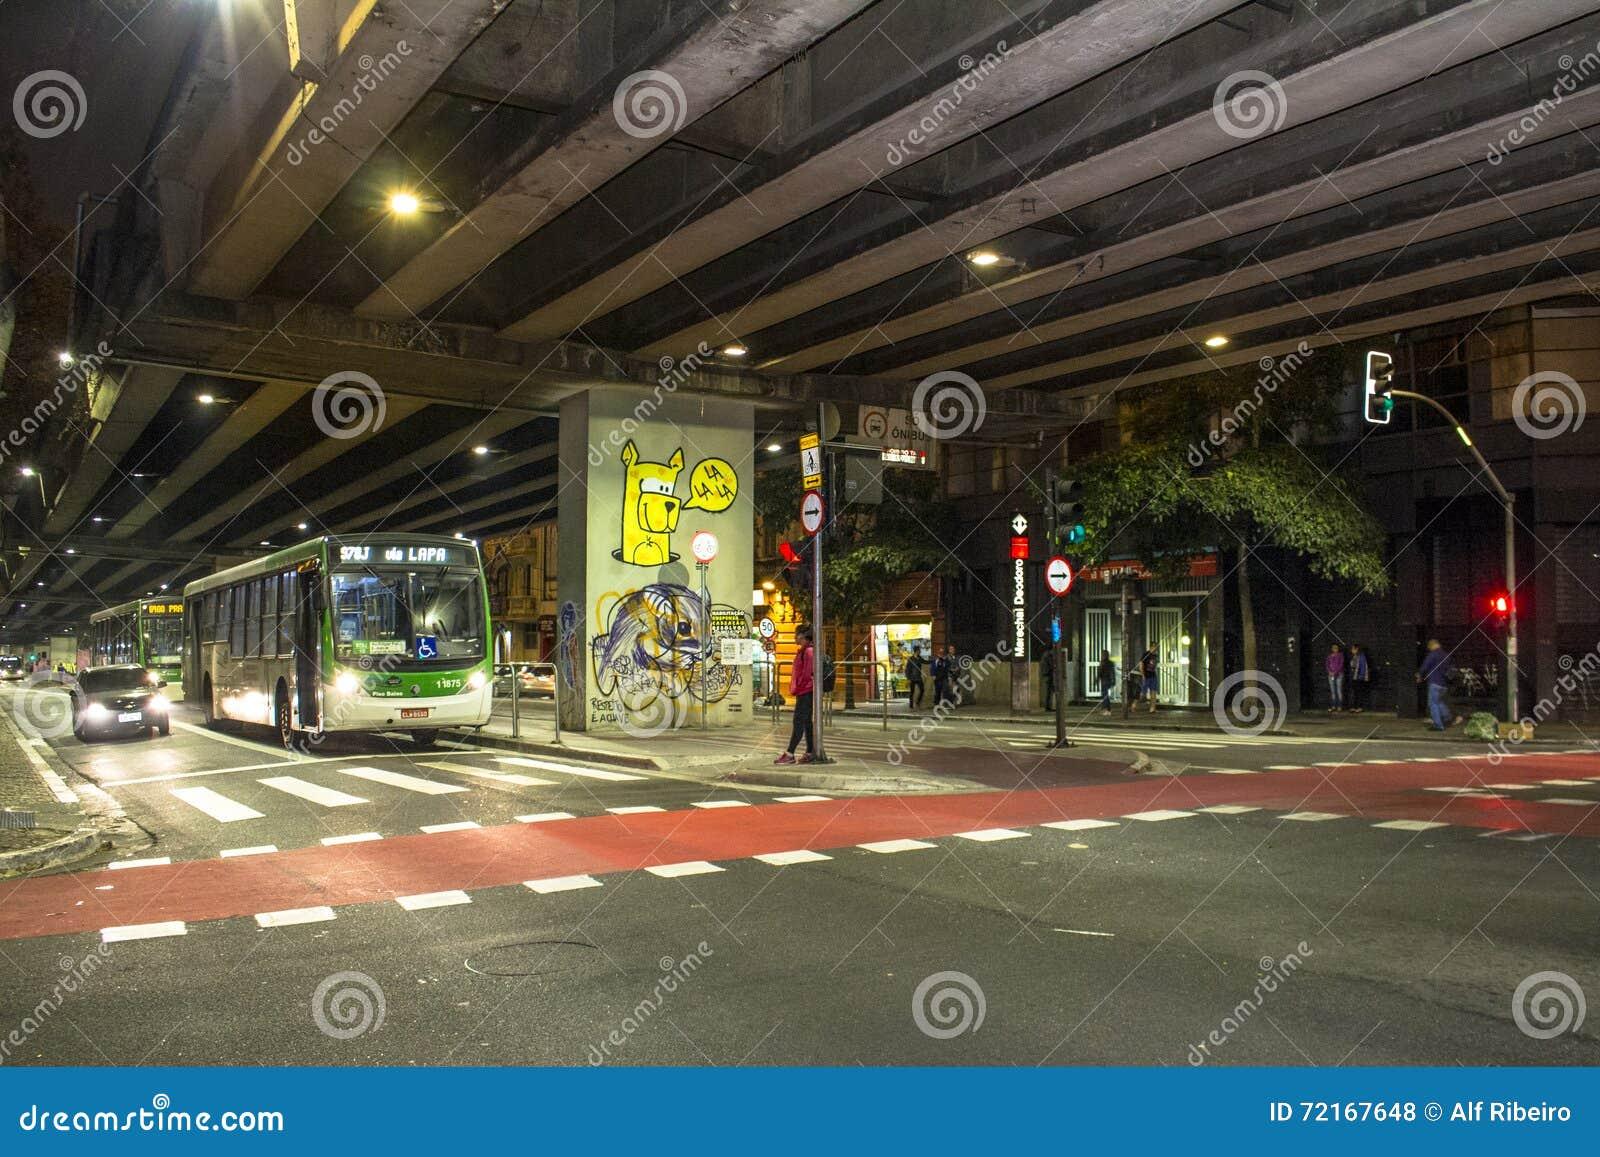 Bus Tour Sao Paulo Brazil